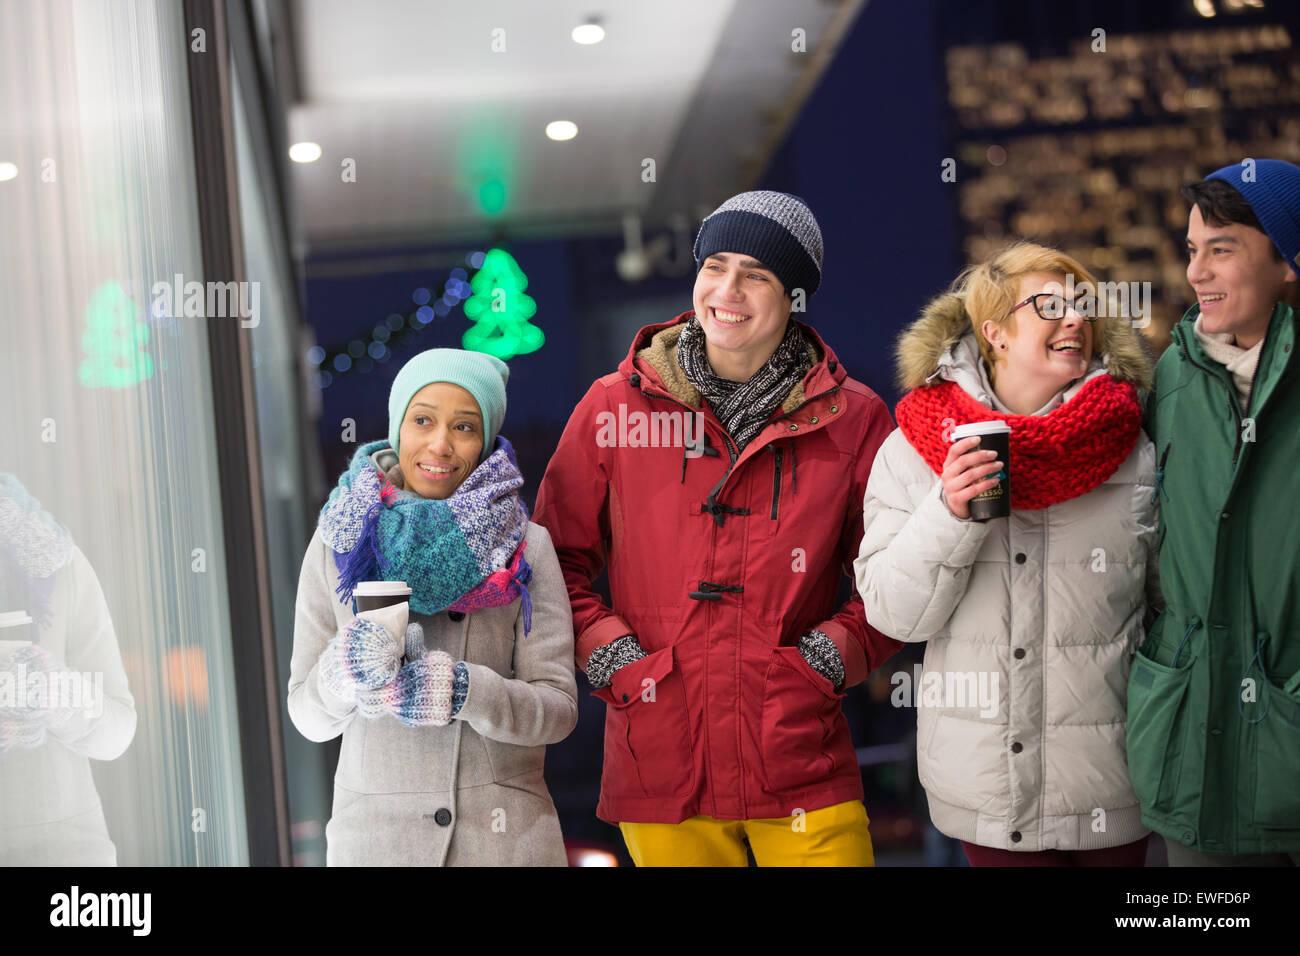 Happy multiethnic friends in winter wear walking in city during dusk - Stock Image